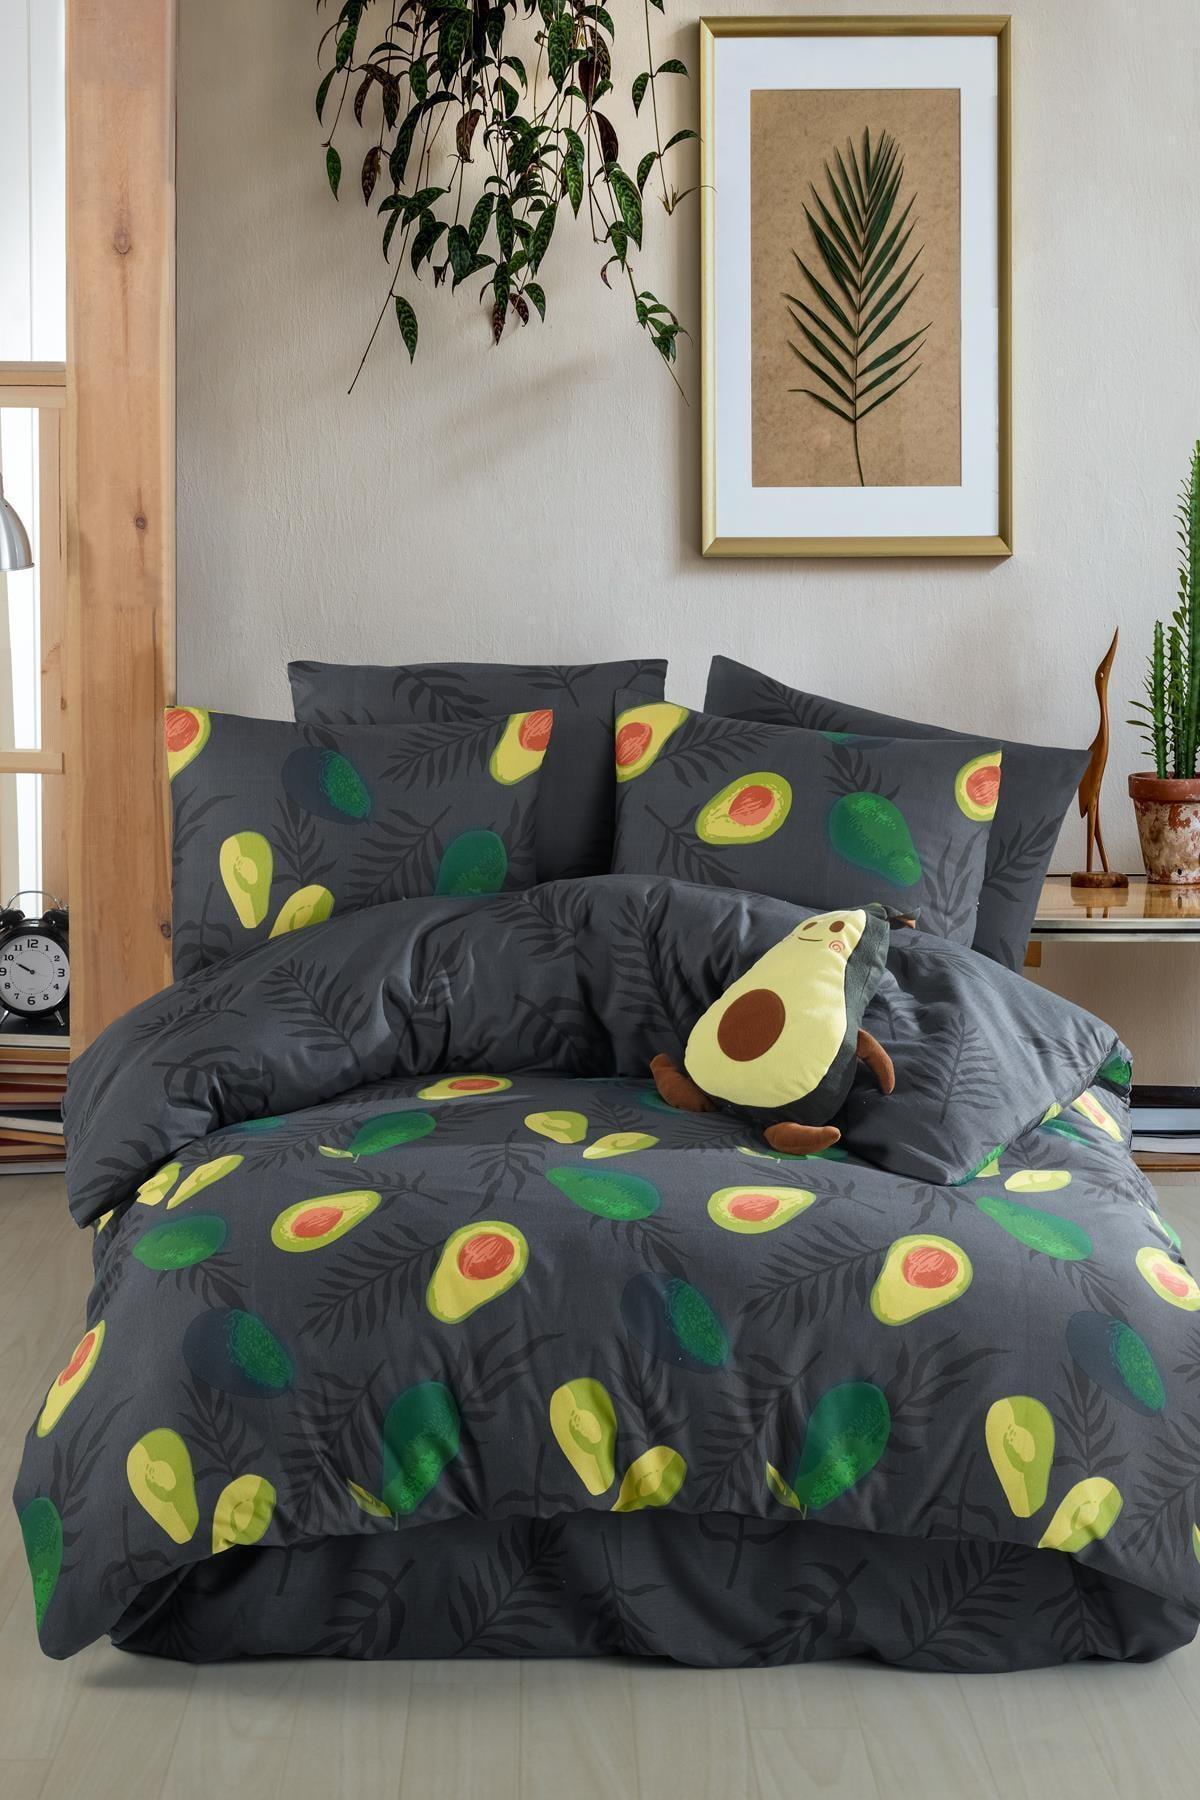 فوشيا-طقم غطاء لحاف أفوكادو مزدوج ، قطن 100% ، وردي غامق ، للبالغين ، تركي